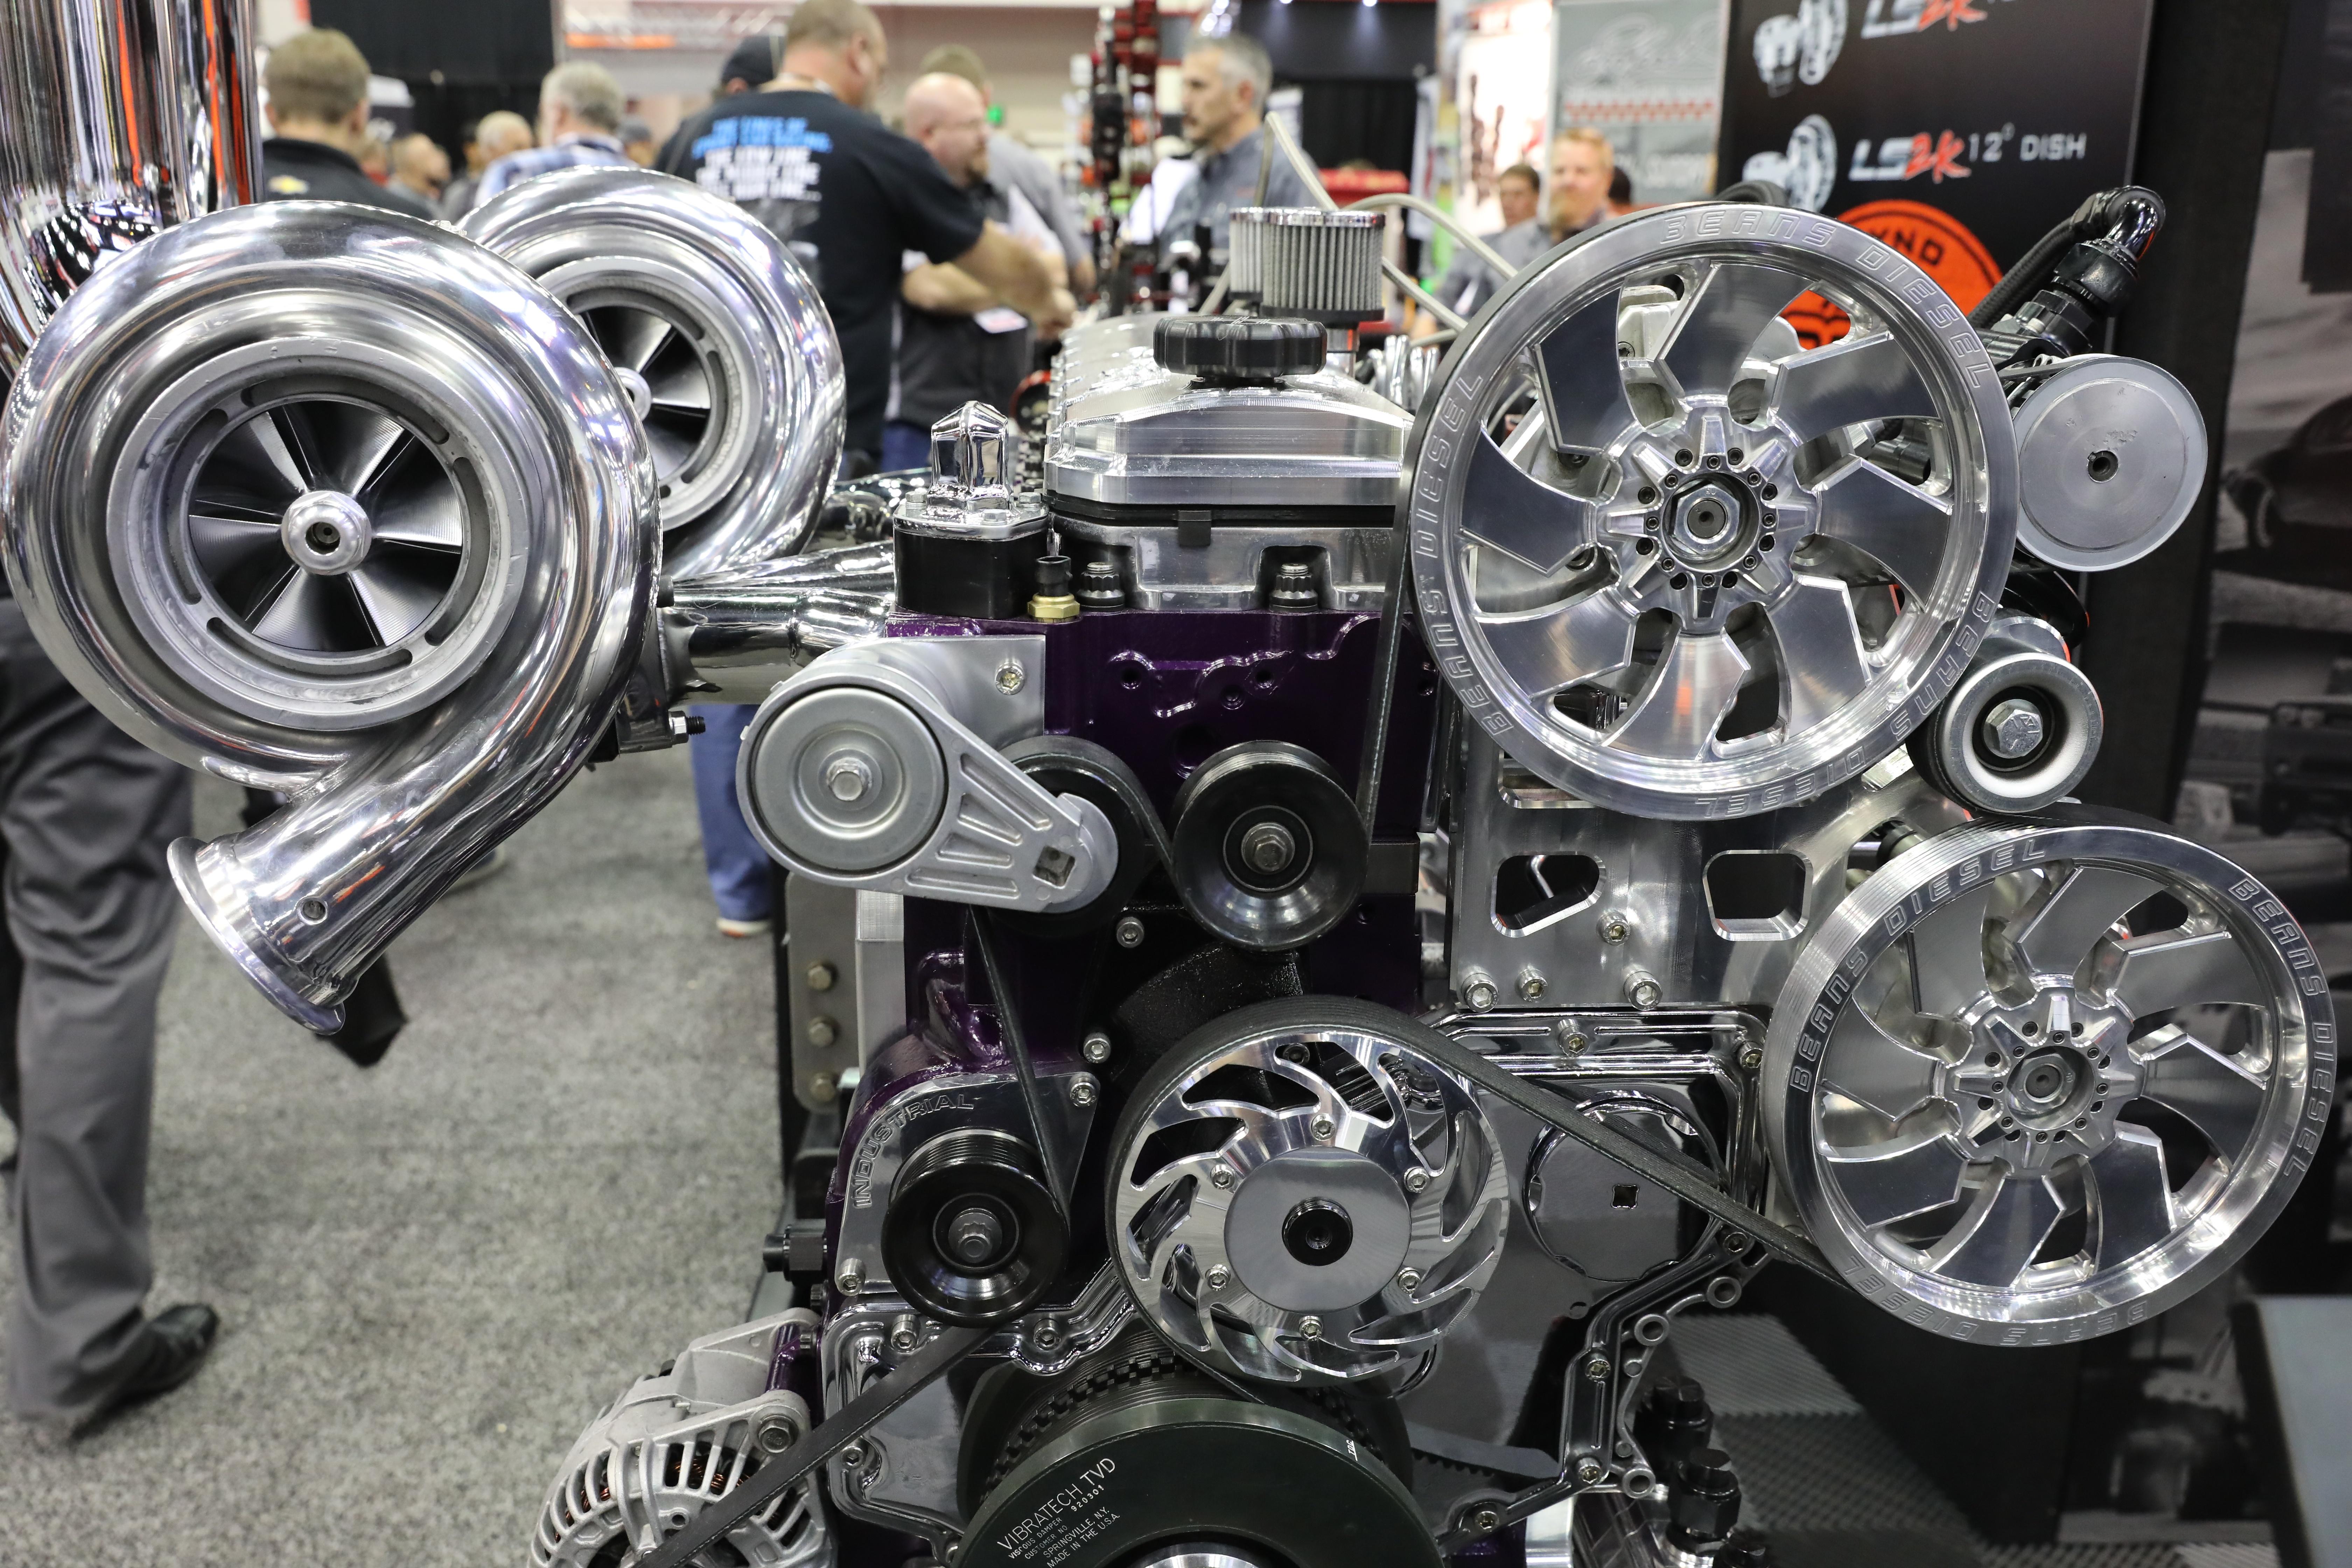 005-Diamond-engines-booth-PRI.jpg